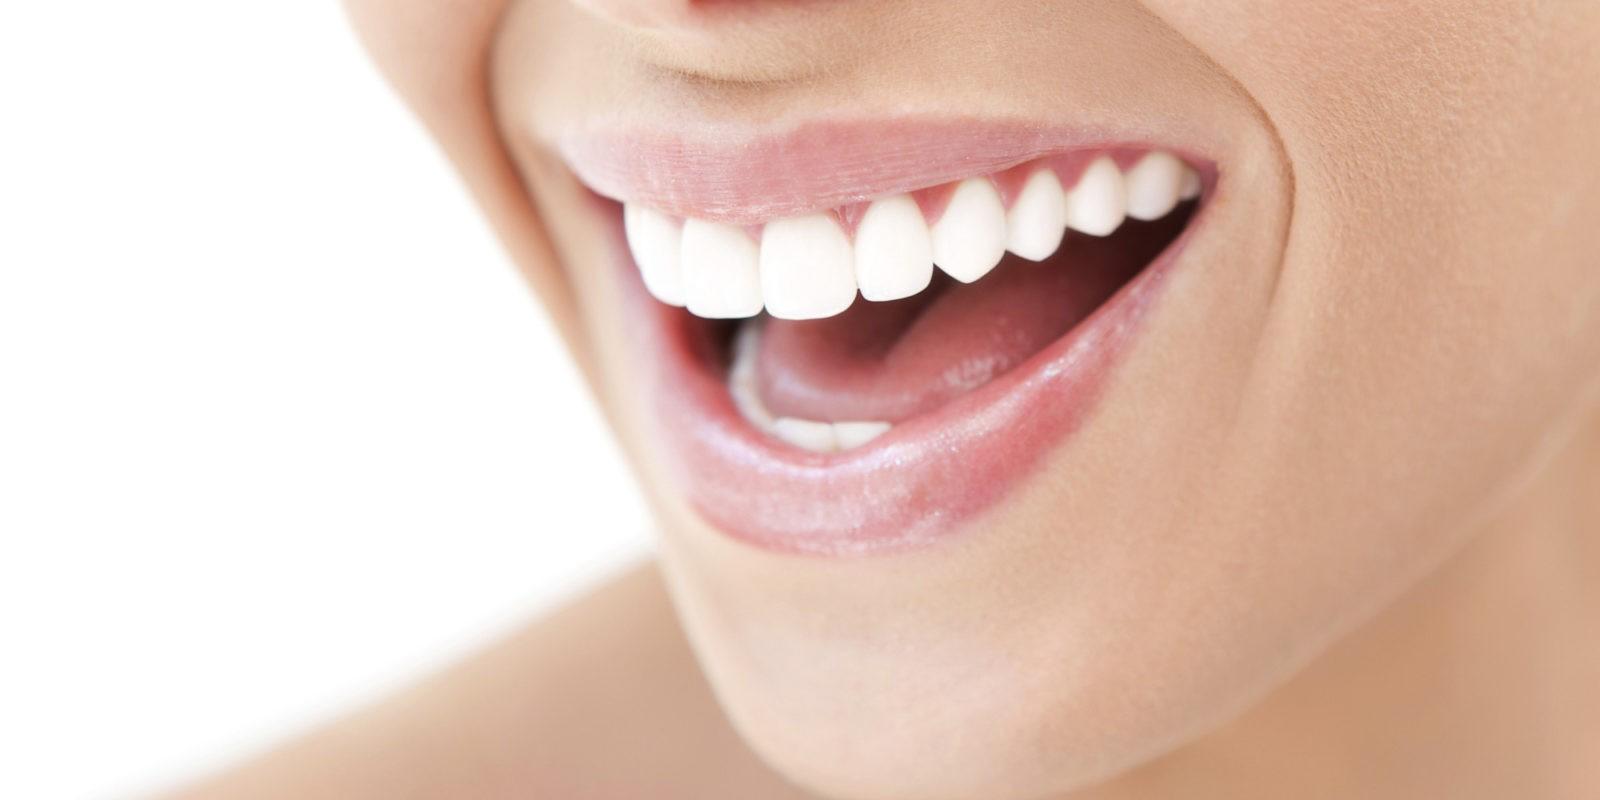 Candida orale: sintomi, cause, e terapia